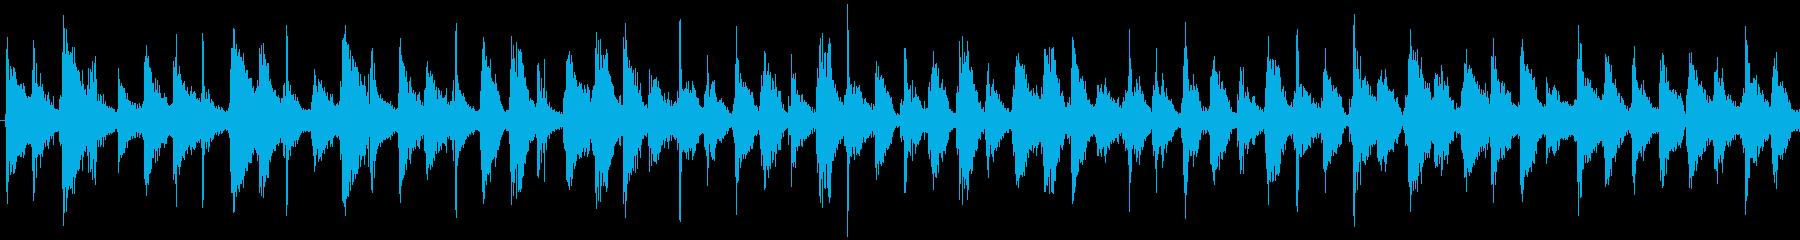 ミステリアスでリズミカルなアンビエントの再生済みの波形